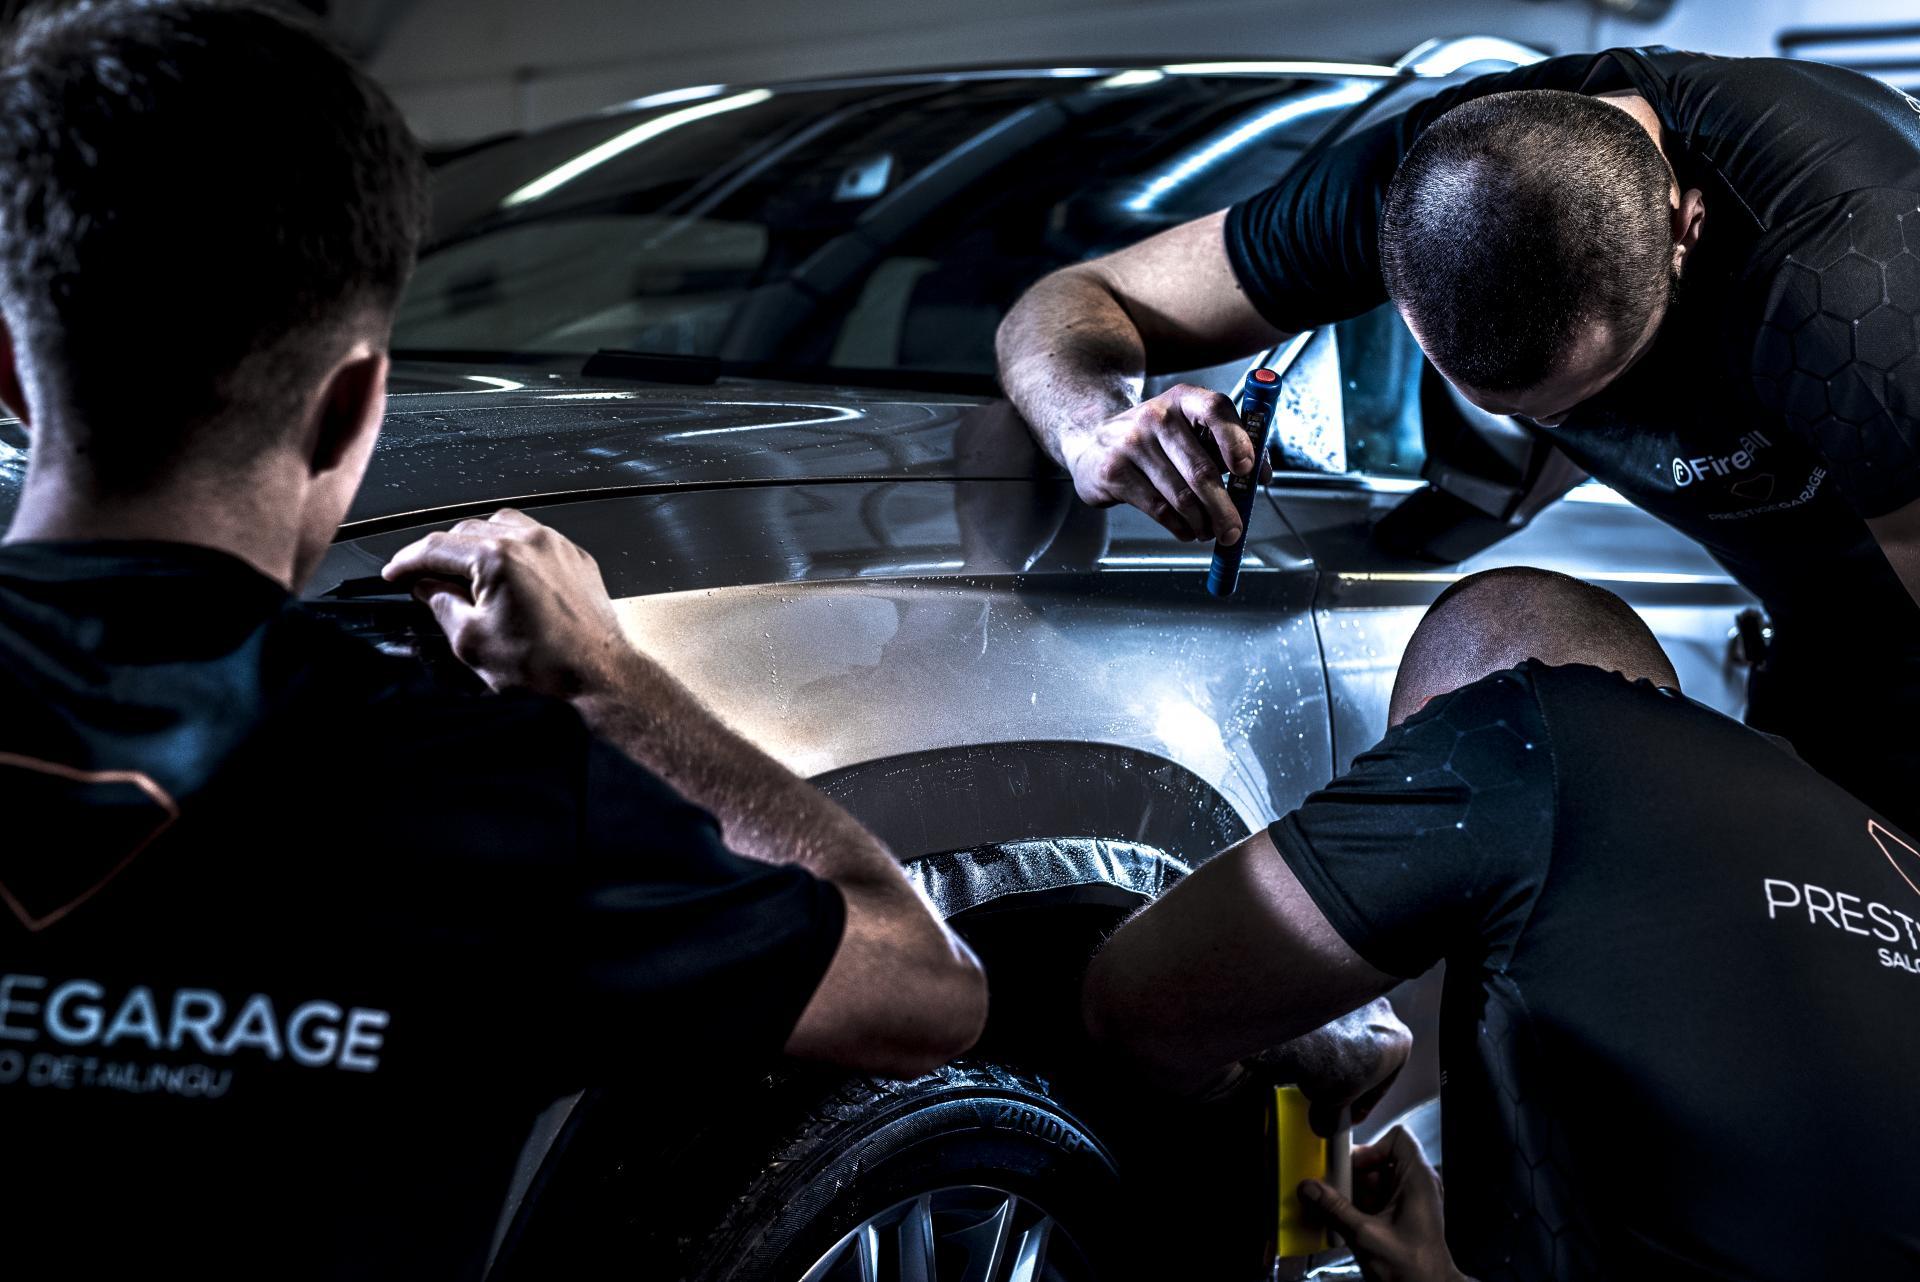 Folia do oklejania samochodu - prestige garage